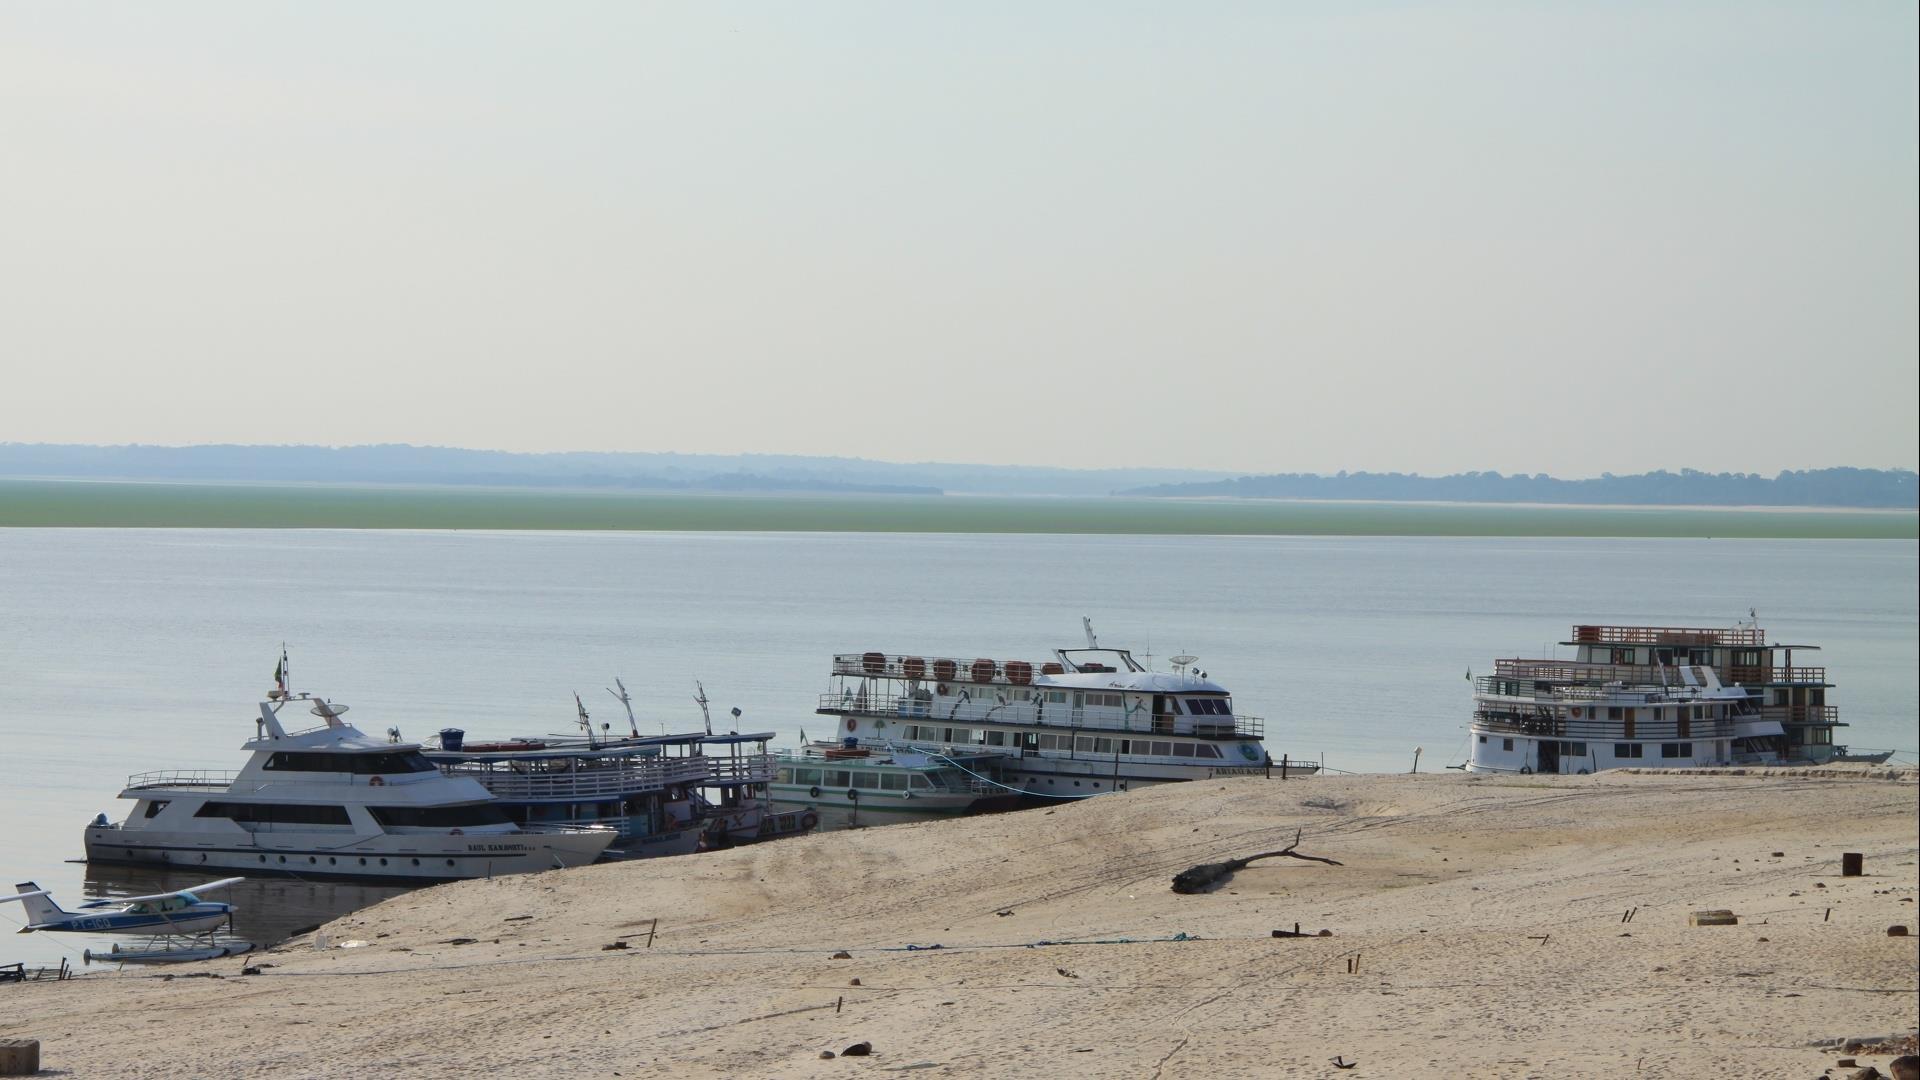 Brasilien Amazonas: 6 Tage Reisebaustein - Schiffsexpedition Pink Dolphin in Kleingruppe